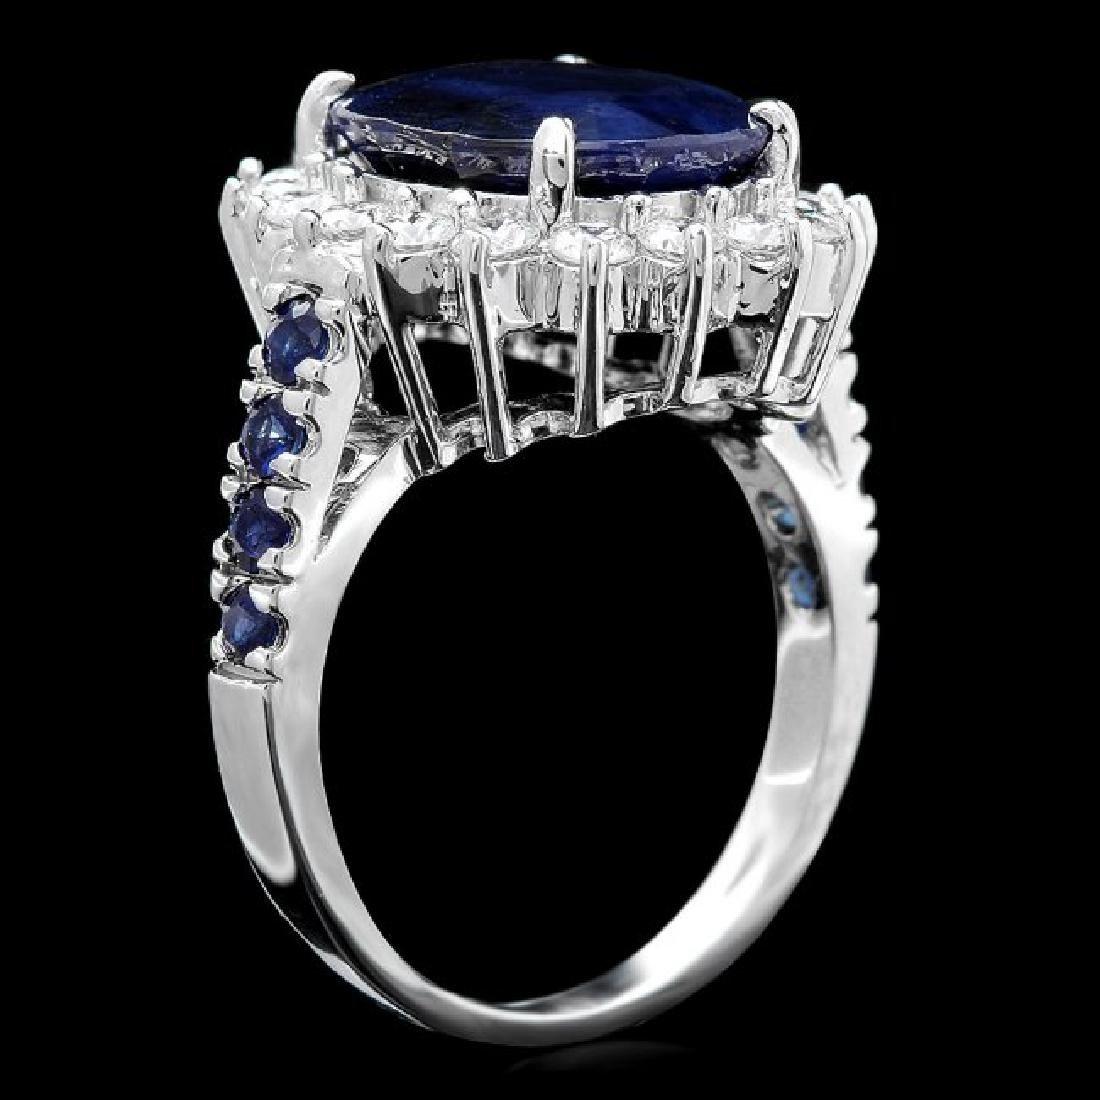 14k White Gold 7.5ct Sapphire 1.00ct Diamond Ring - 3